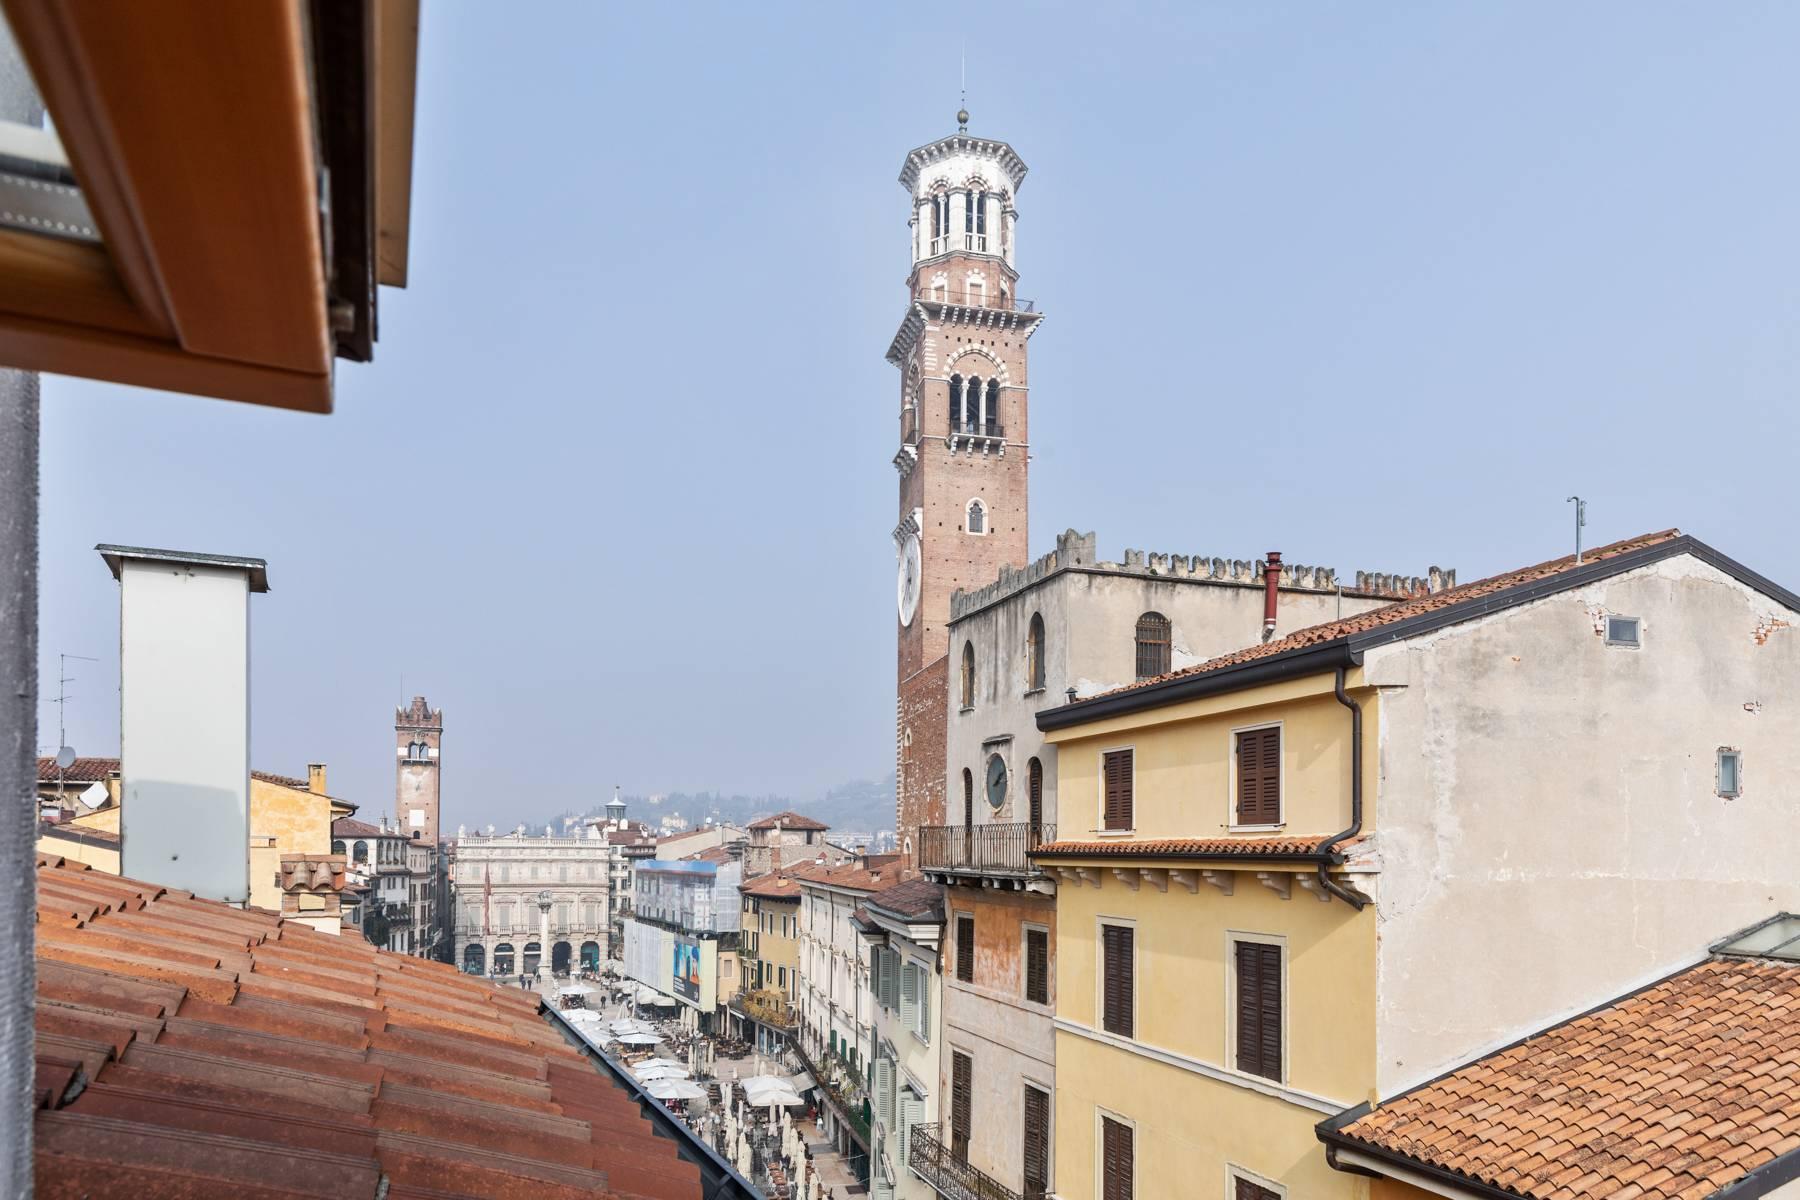 Attico in Vendita a Verona: 5 locali, 184 mq - Foto 23